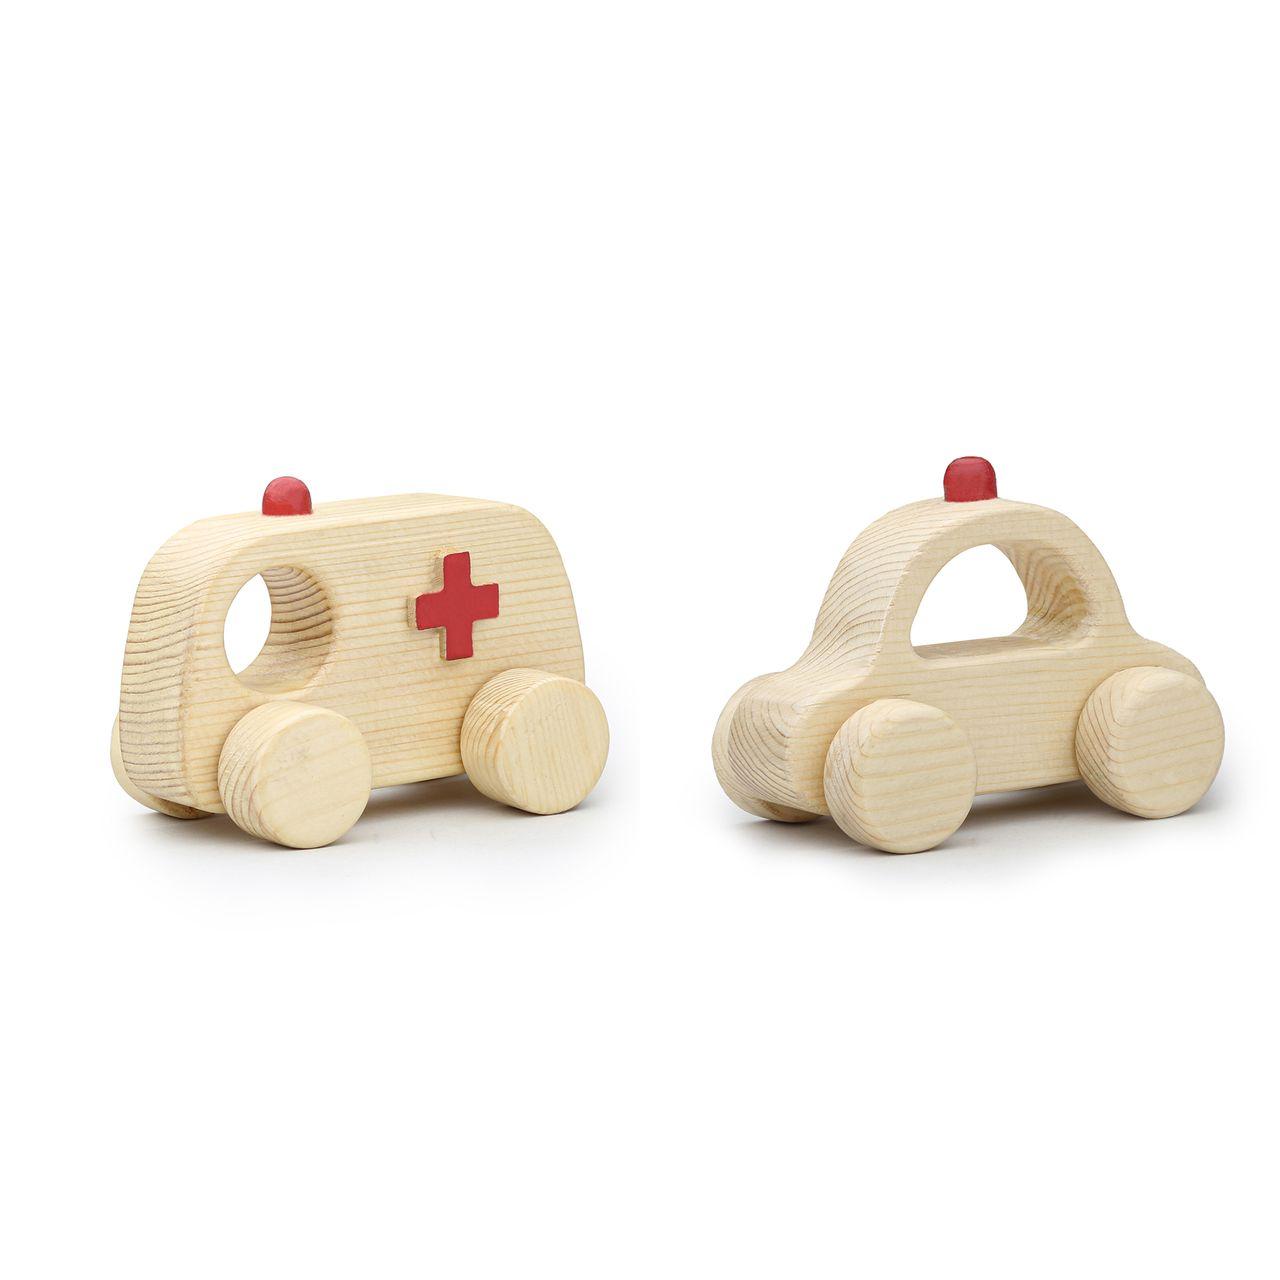 اسباب بازی چوبی مدل آمبولانس و پلیس کد 43019 مجموعه 2 عددی